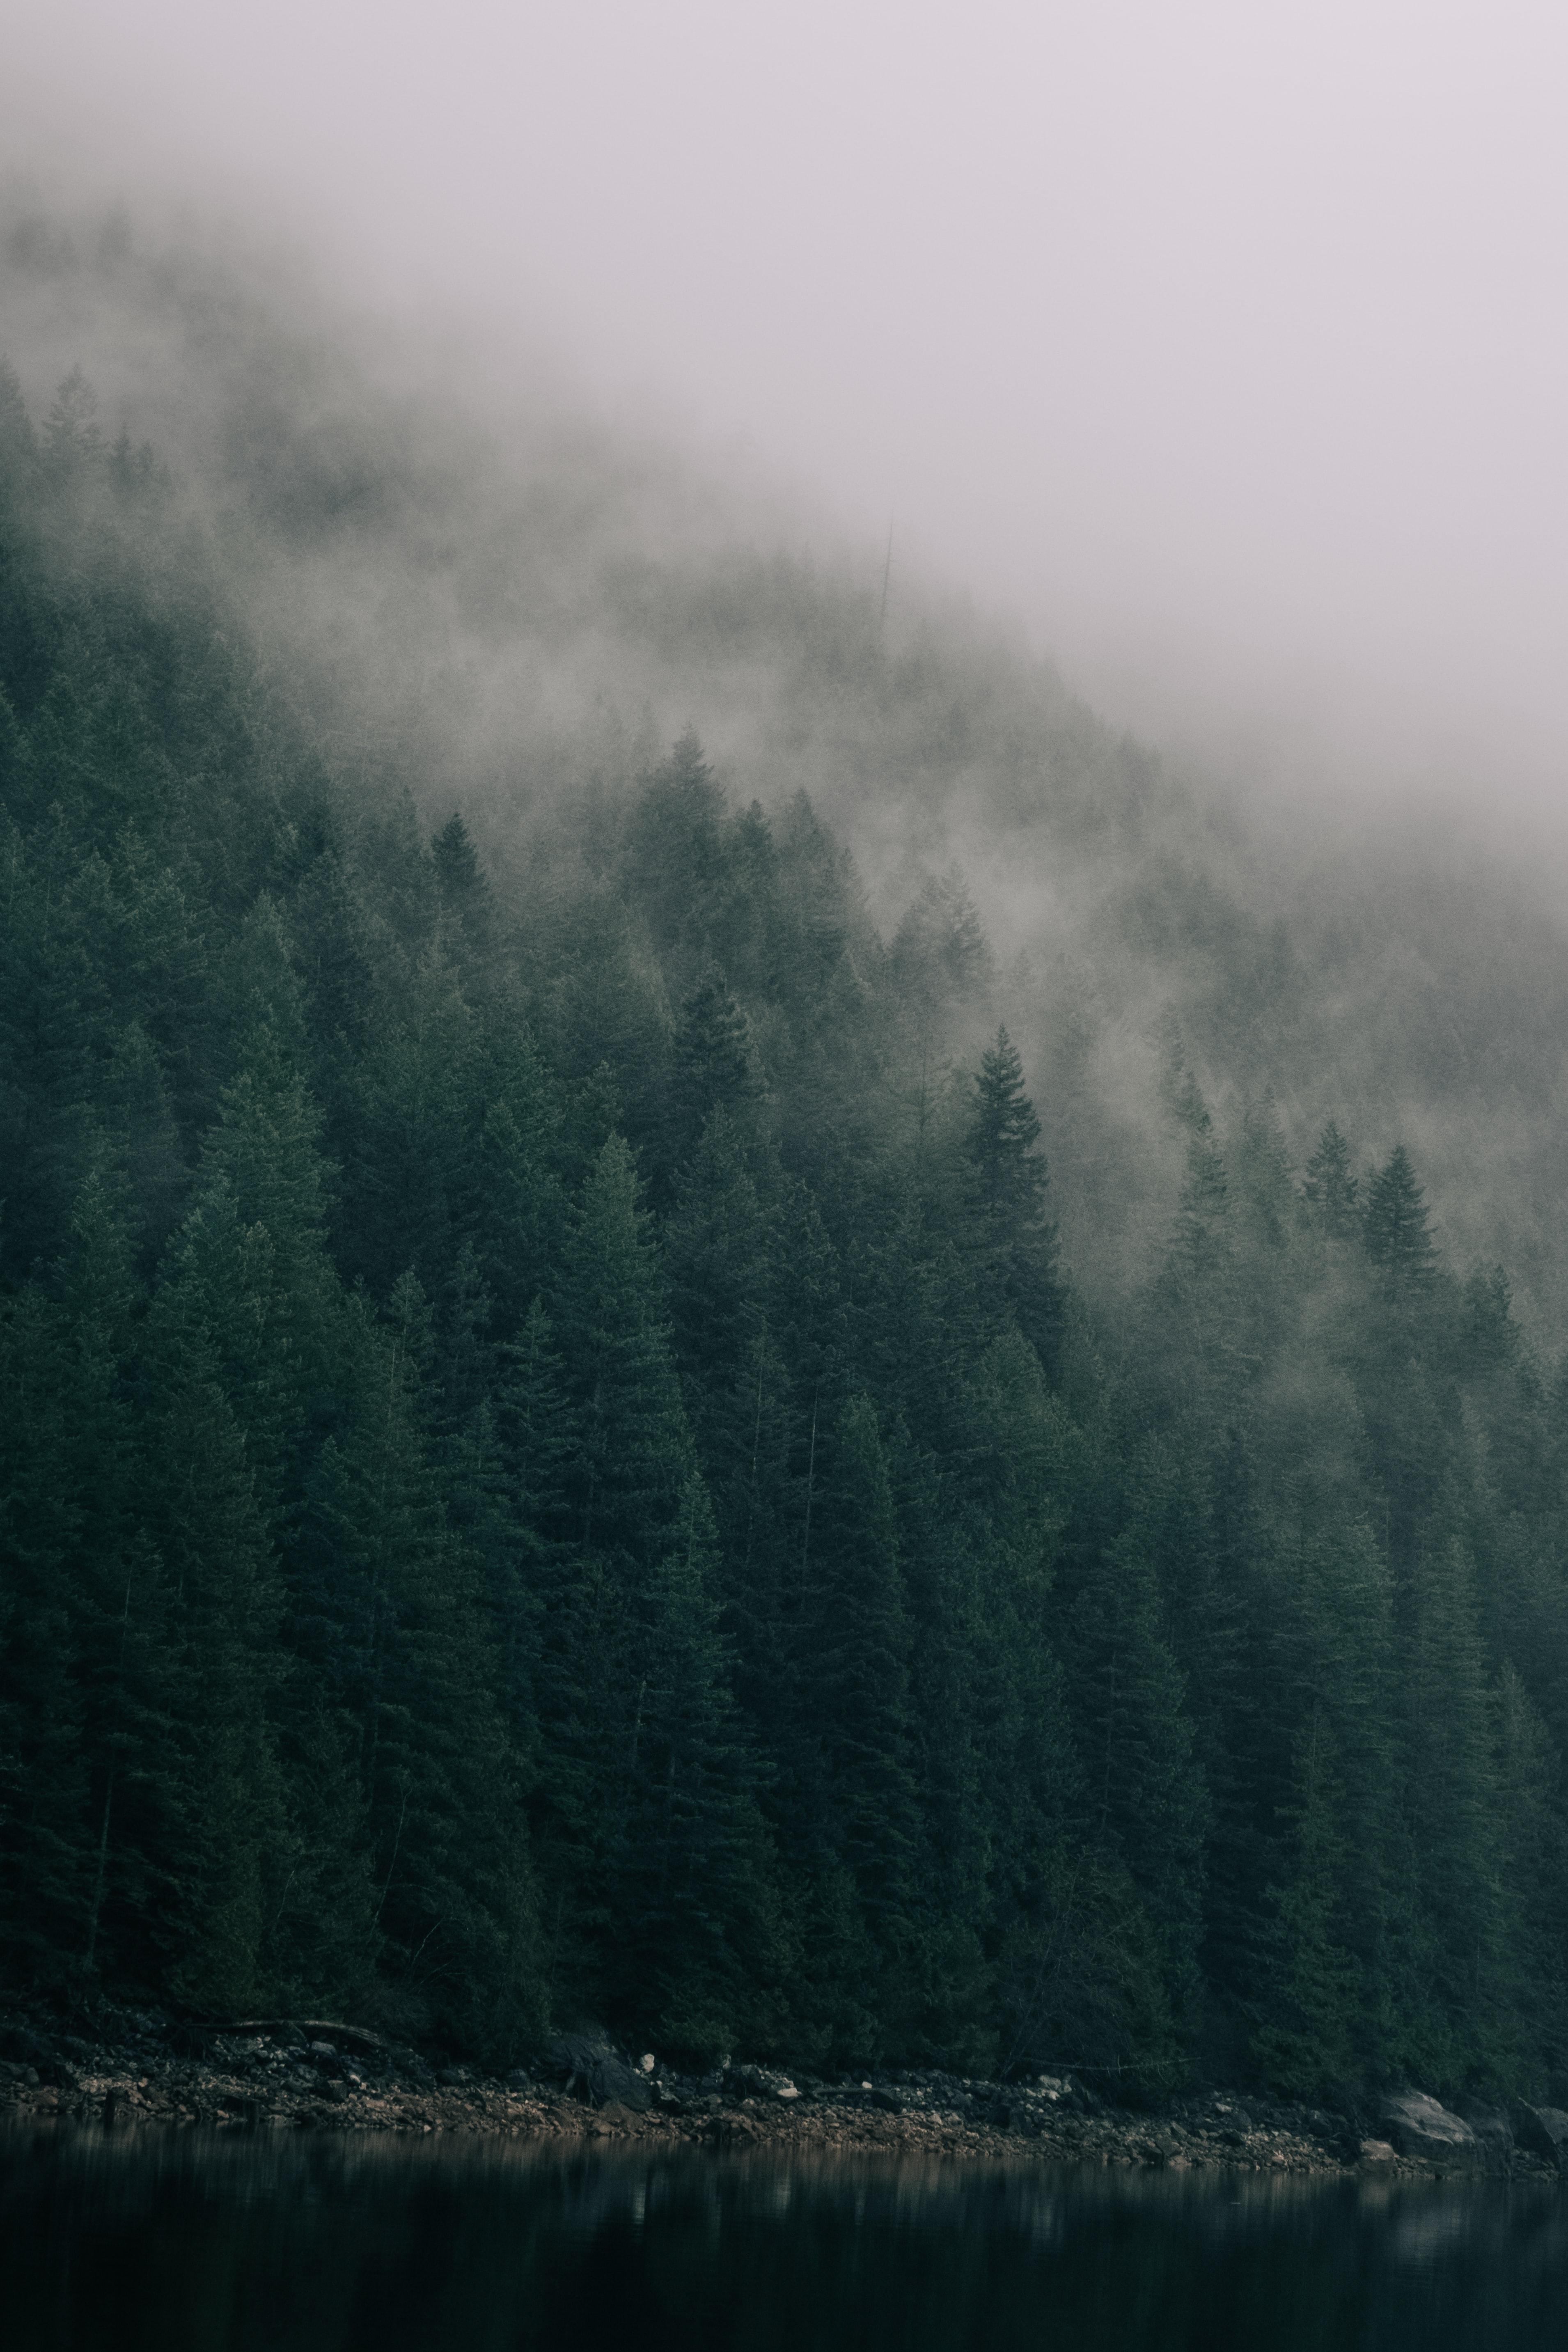 128157 免費下載壁紙 森林, 树, 云, 云端, 湖, 湖景, 支撑, 海岸, 性质 屏保和圖片